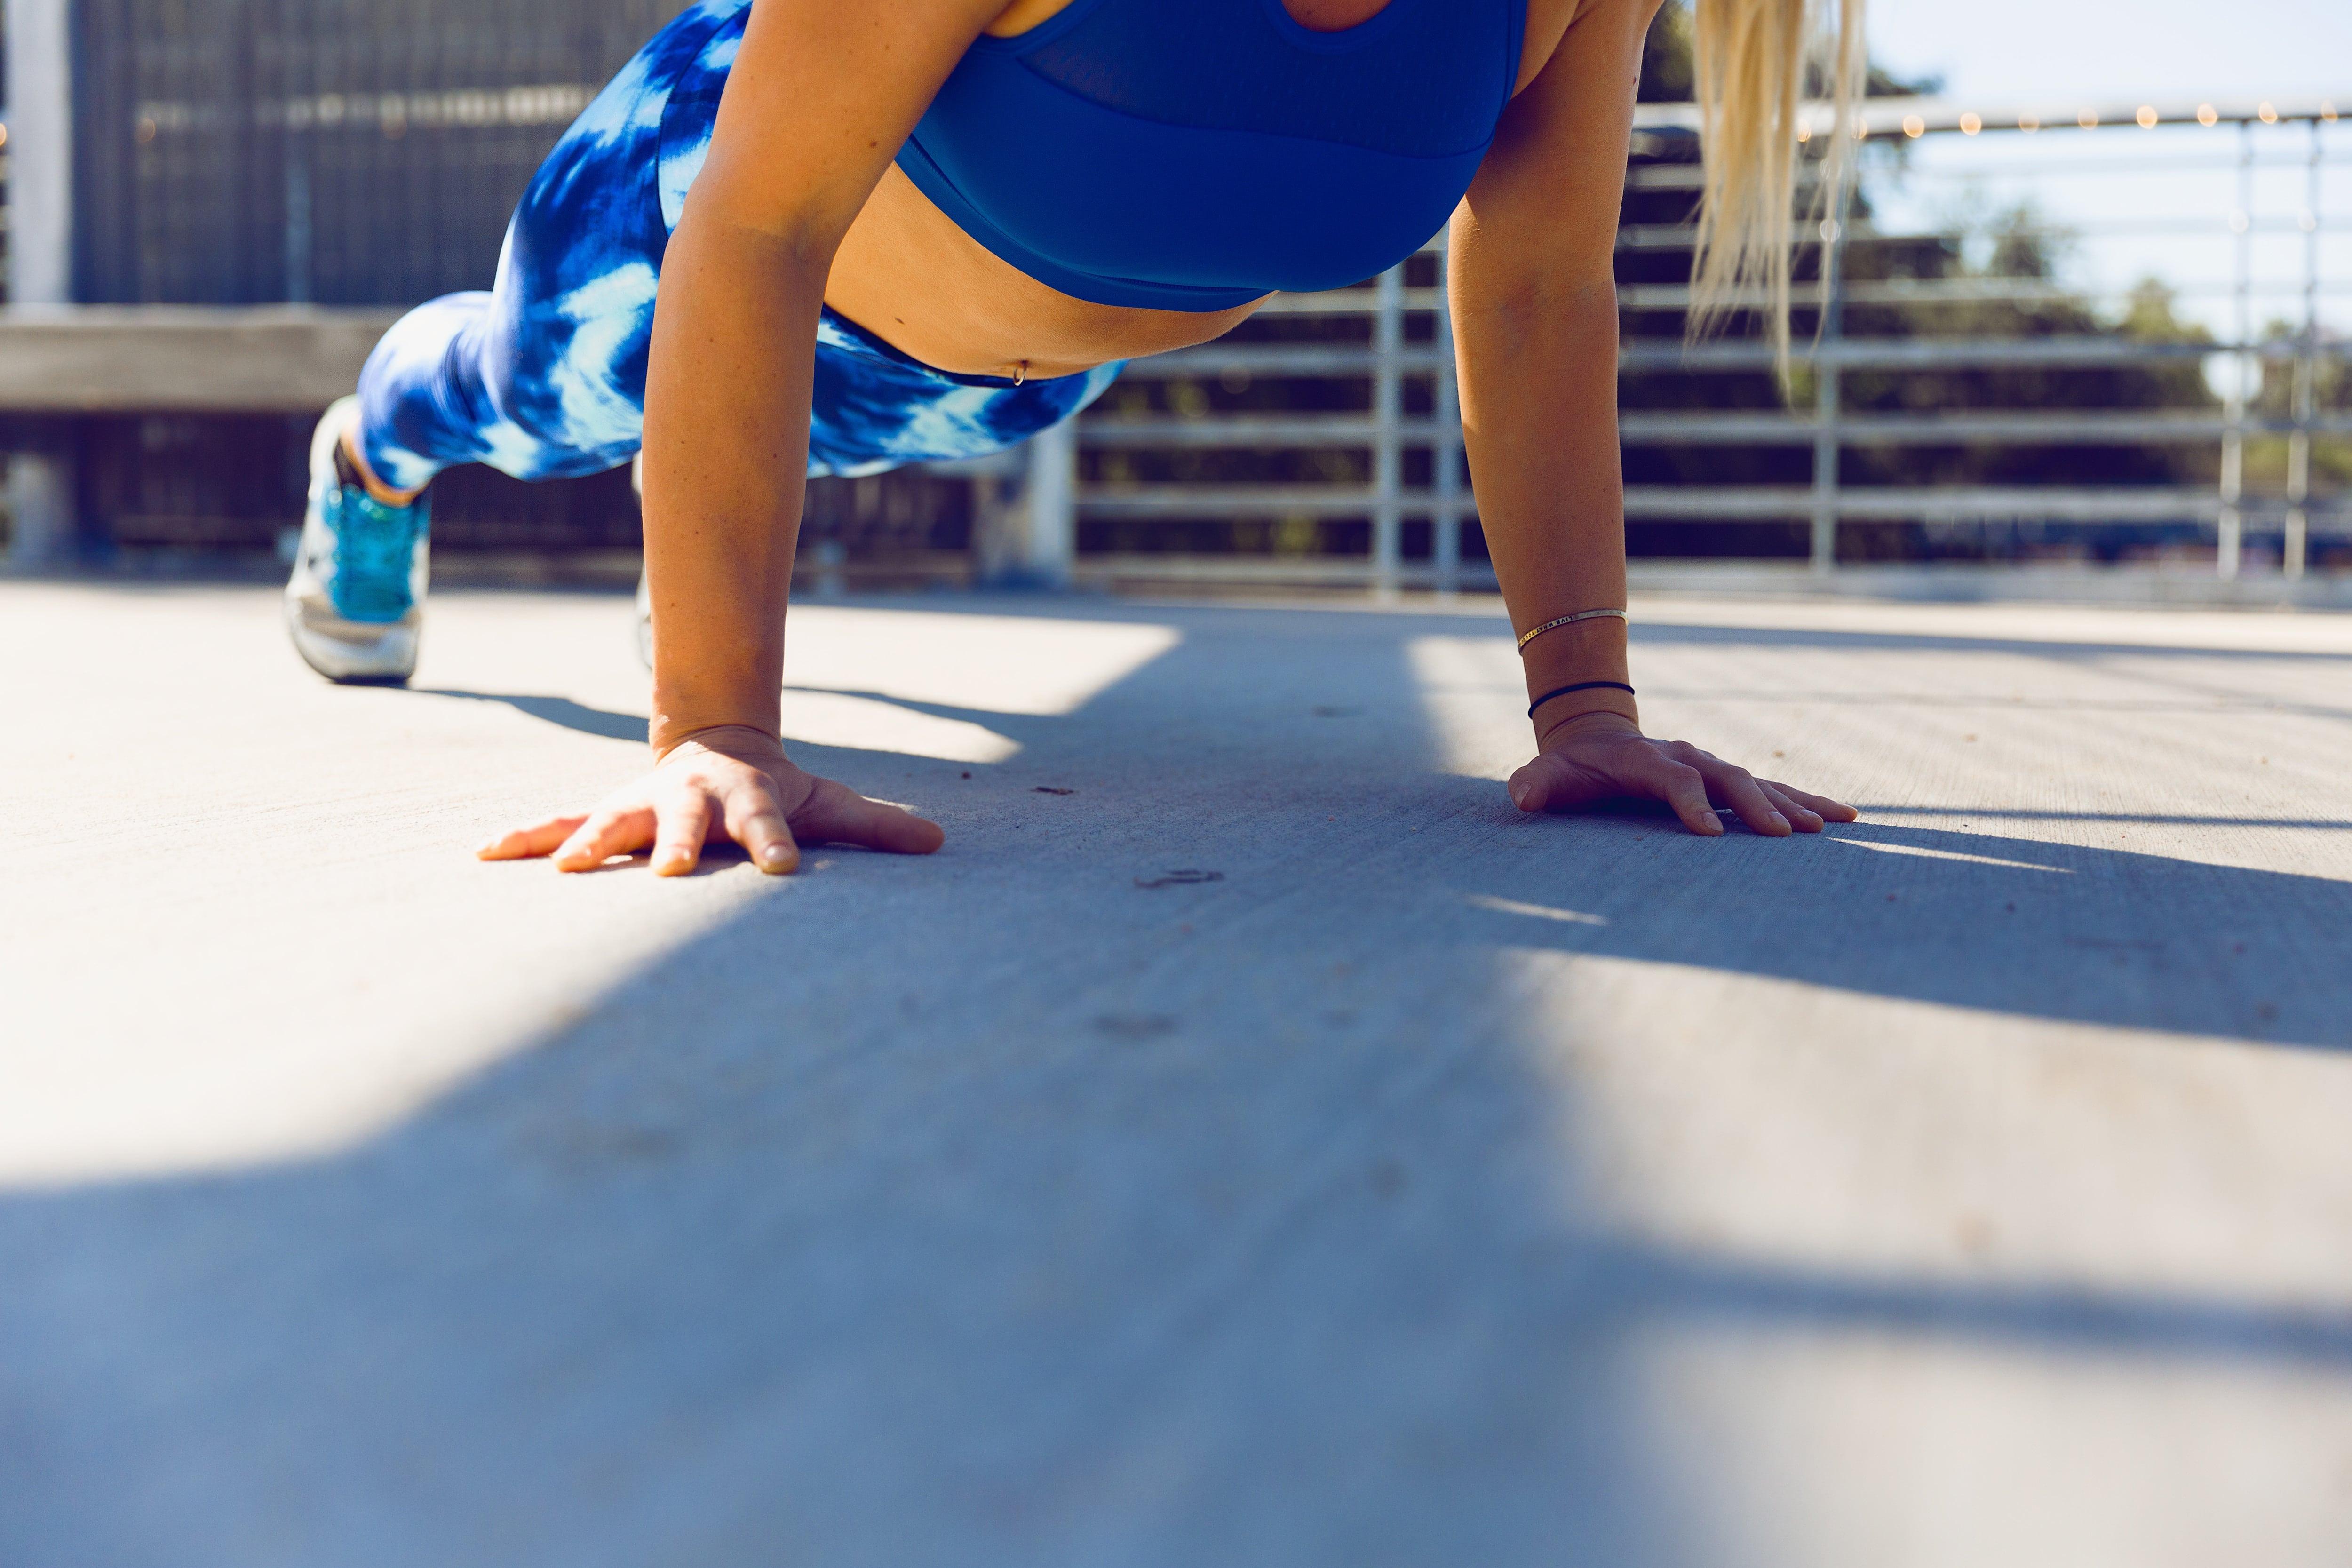 exercitando o corpo